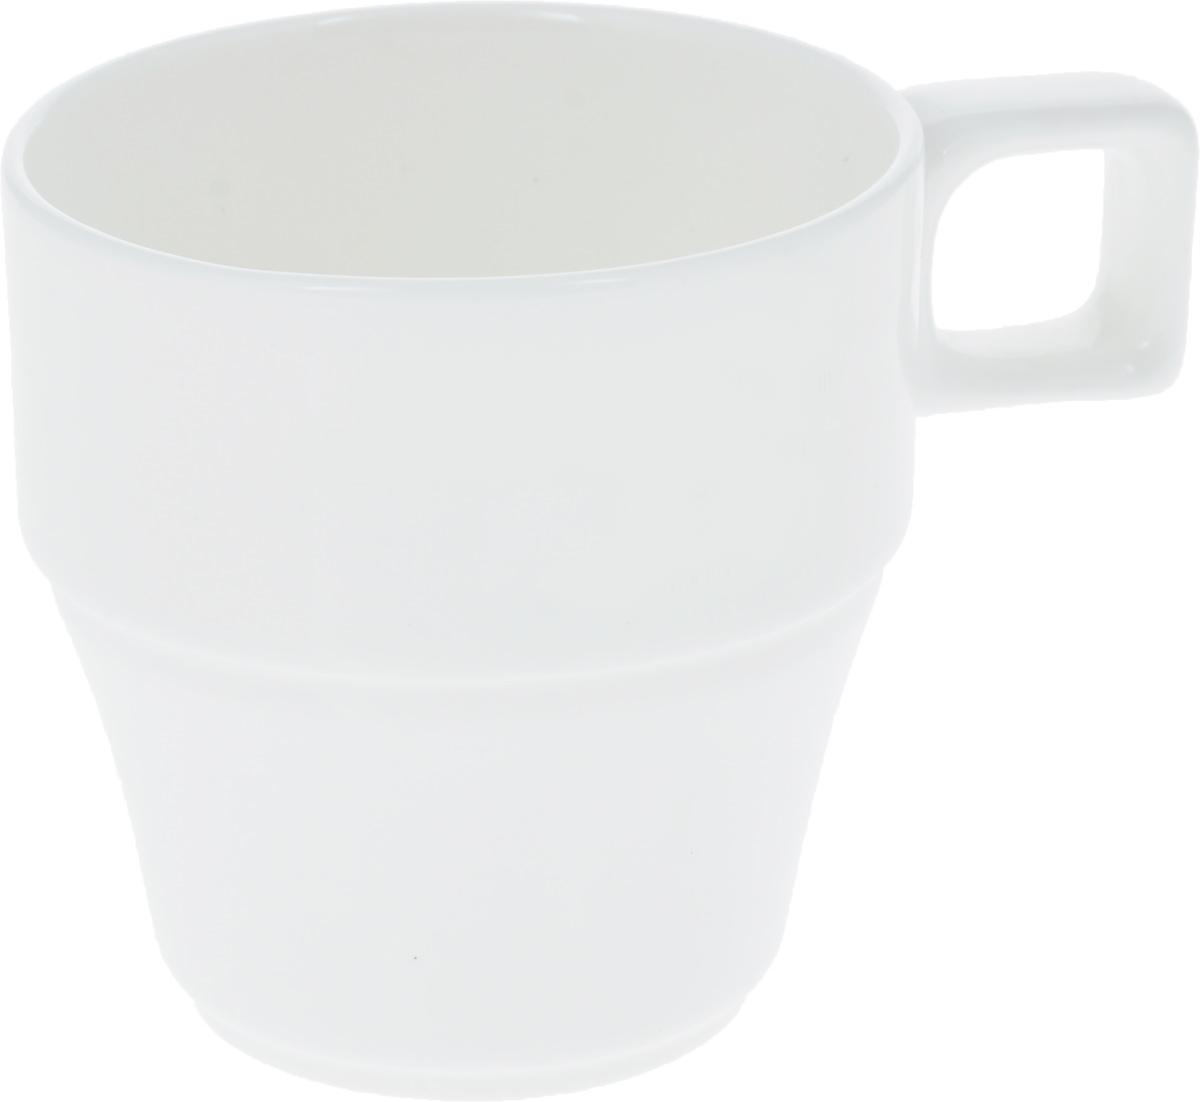 Кружка Wilmax, 250 мл. WL-993050WL-993050Штабелируемая кружка Wilmax выполнена из высококачественного фарфора. Изделие впишется в любой интерьер современной кухни, а также станет отличным дополнением к сервировке праздничного или обеденного стола. Диаметр кружки (по верхнему краю): 8 см.